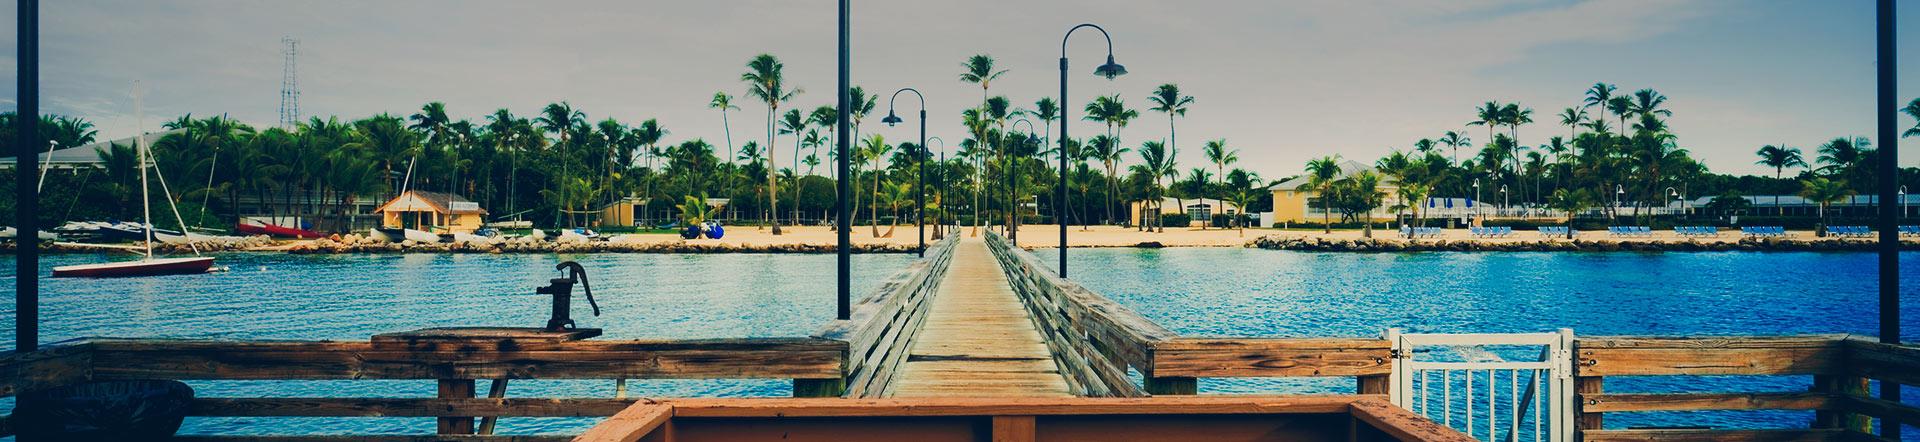 resort-Islander-Pier-II